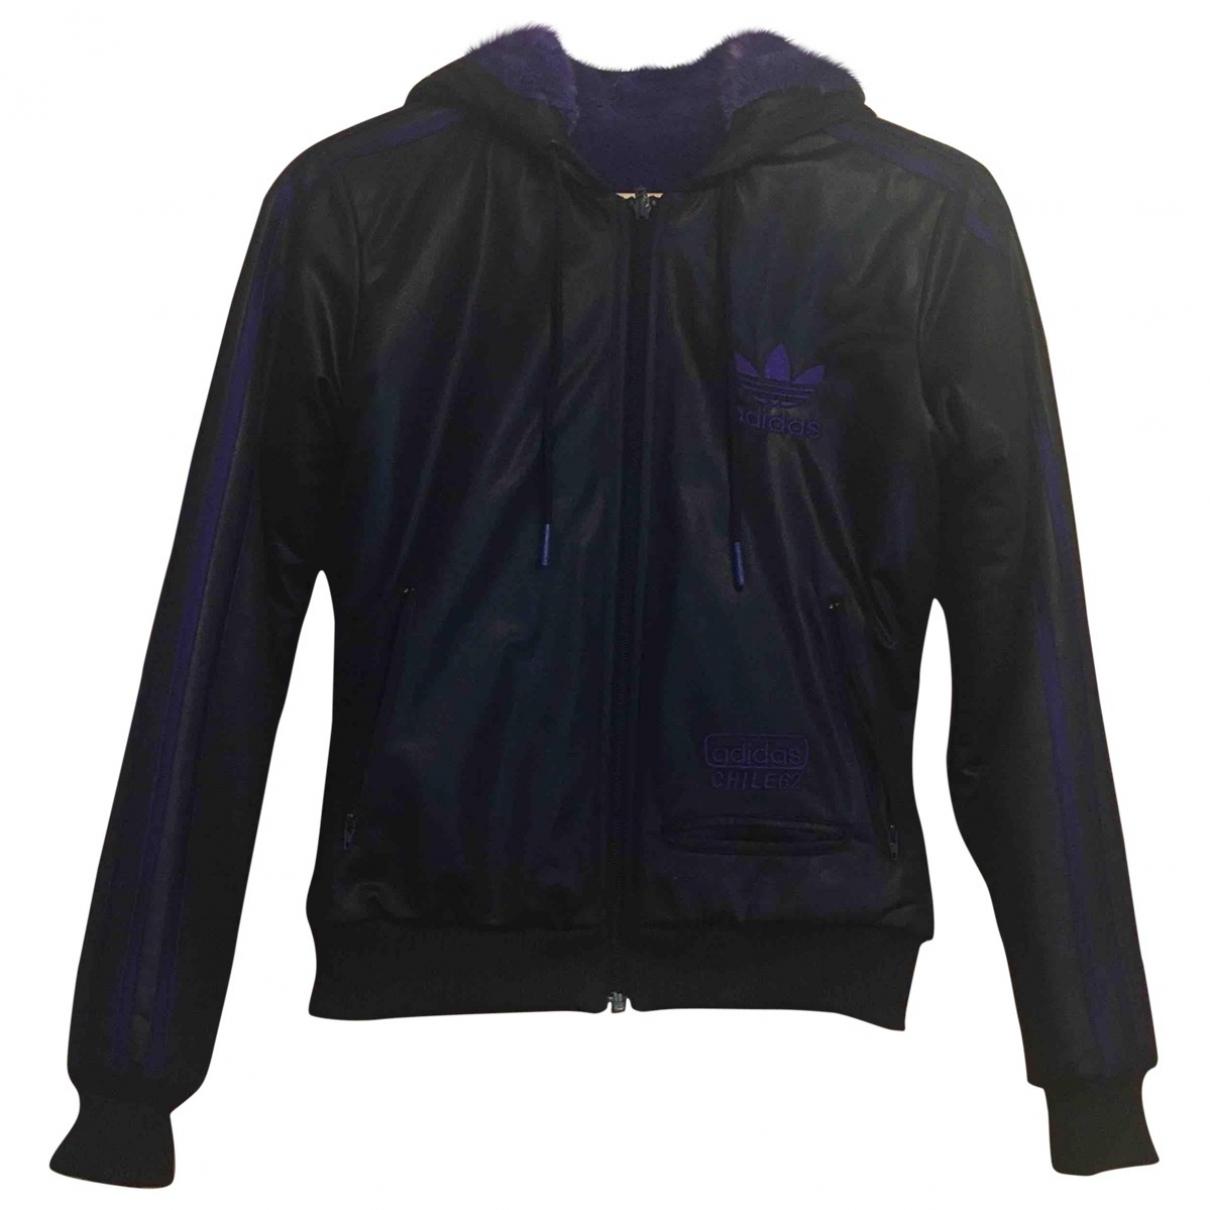 Adidas \N Black jacket for Women 36 FR